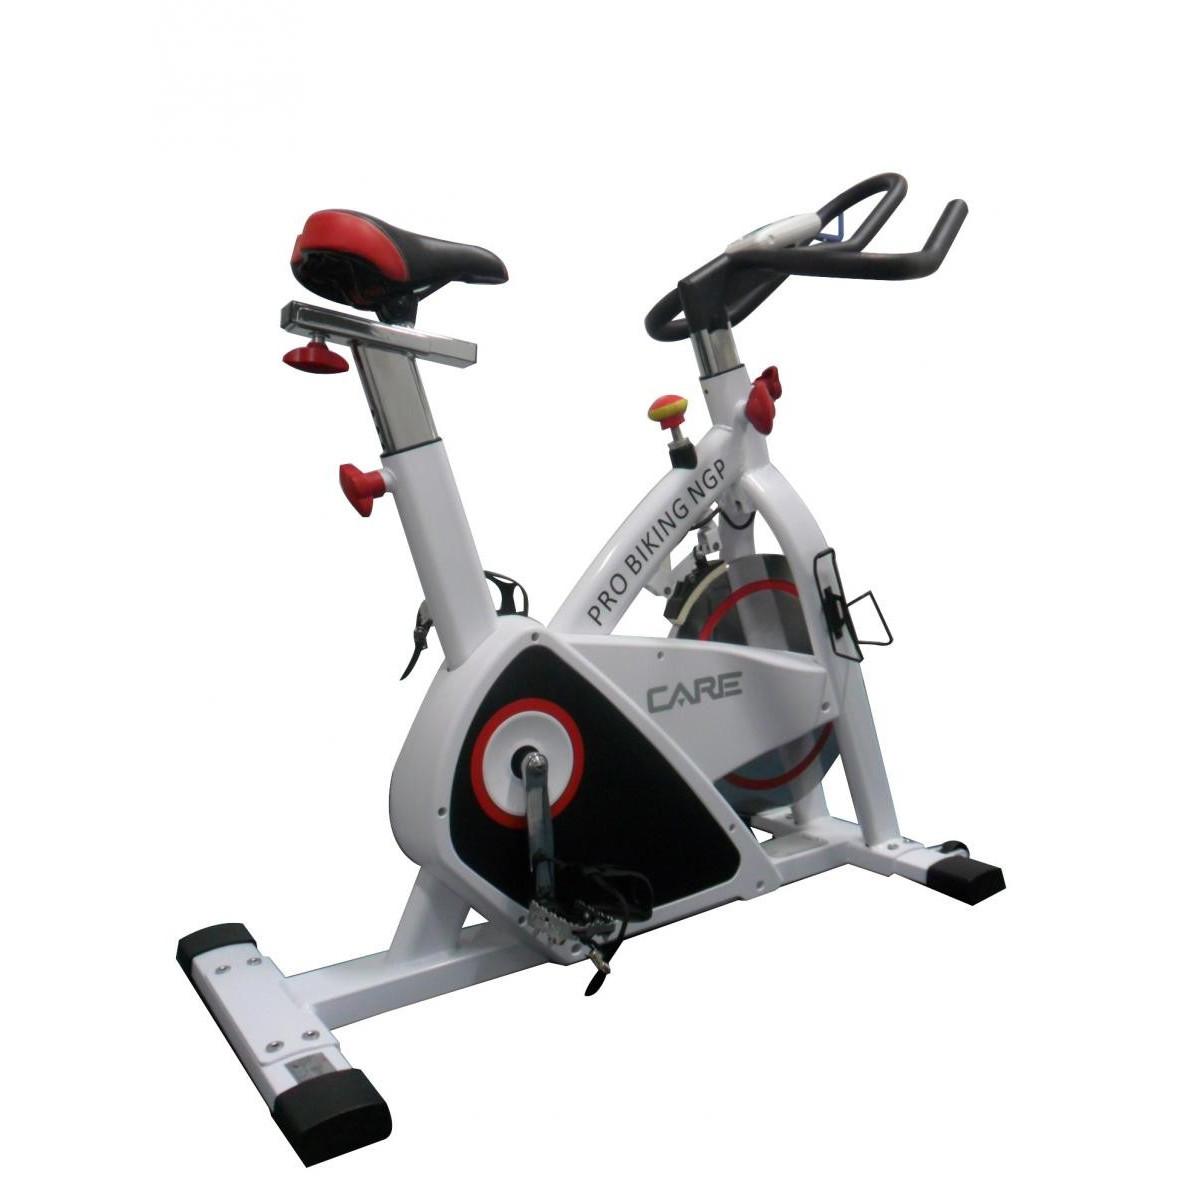 V lo de spinning pro biking ngp care - Velo spinning magnetique ...